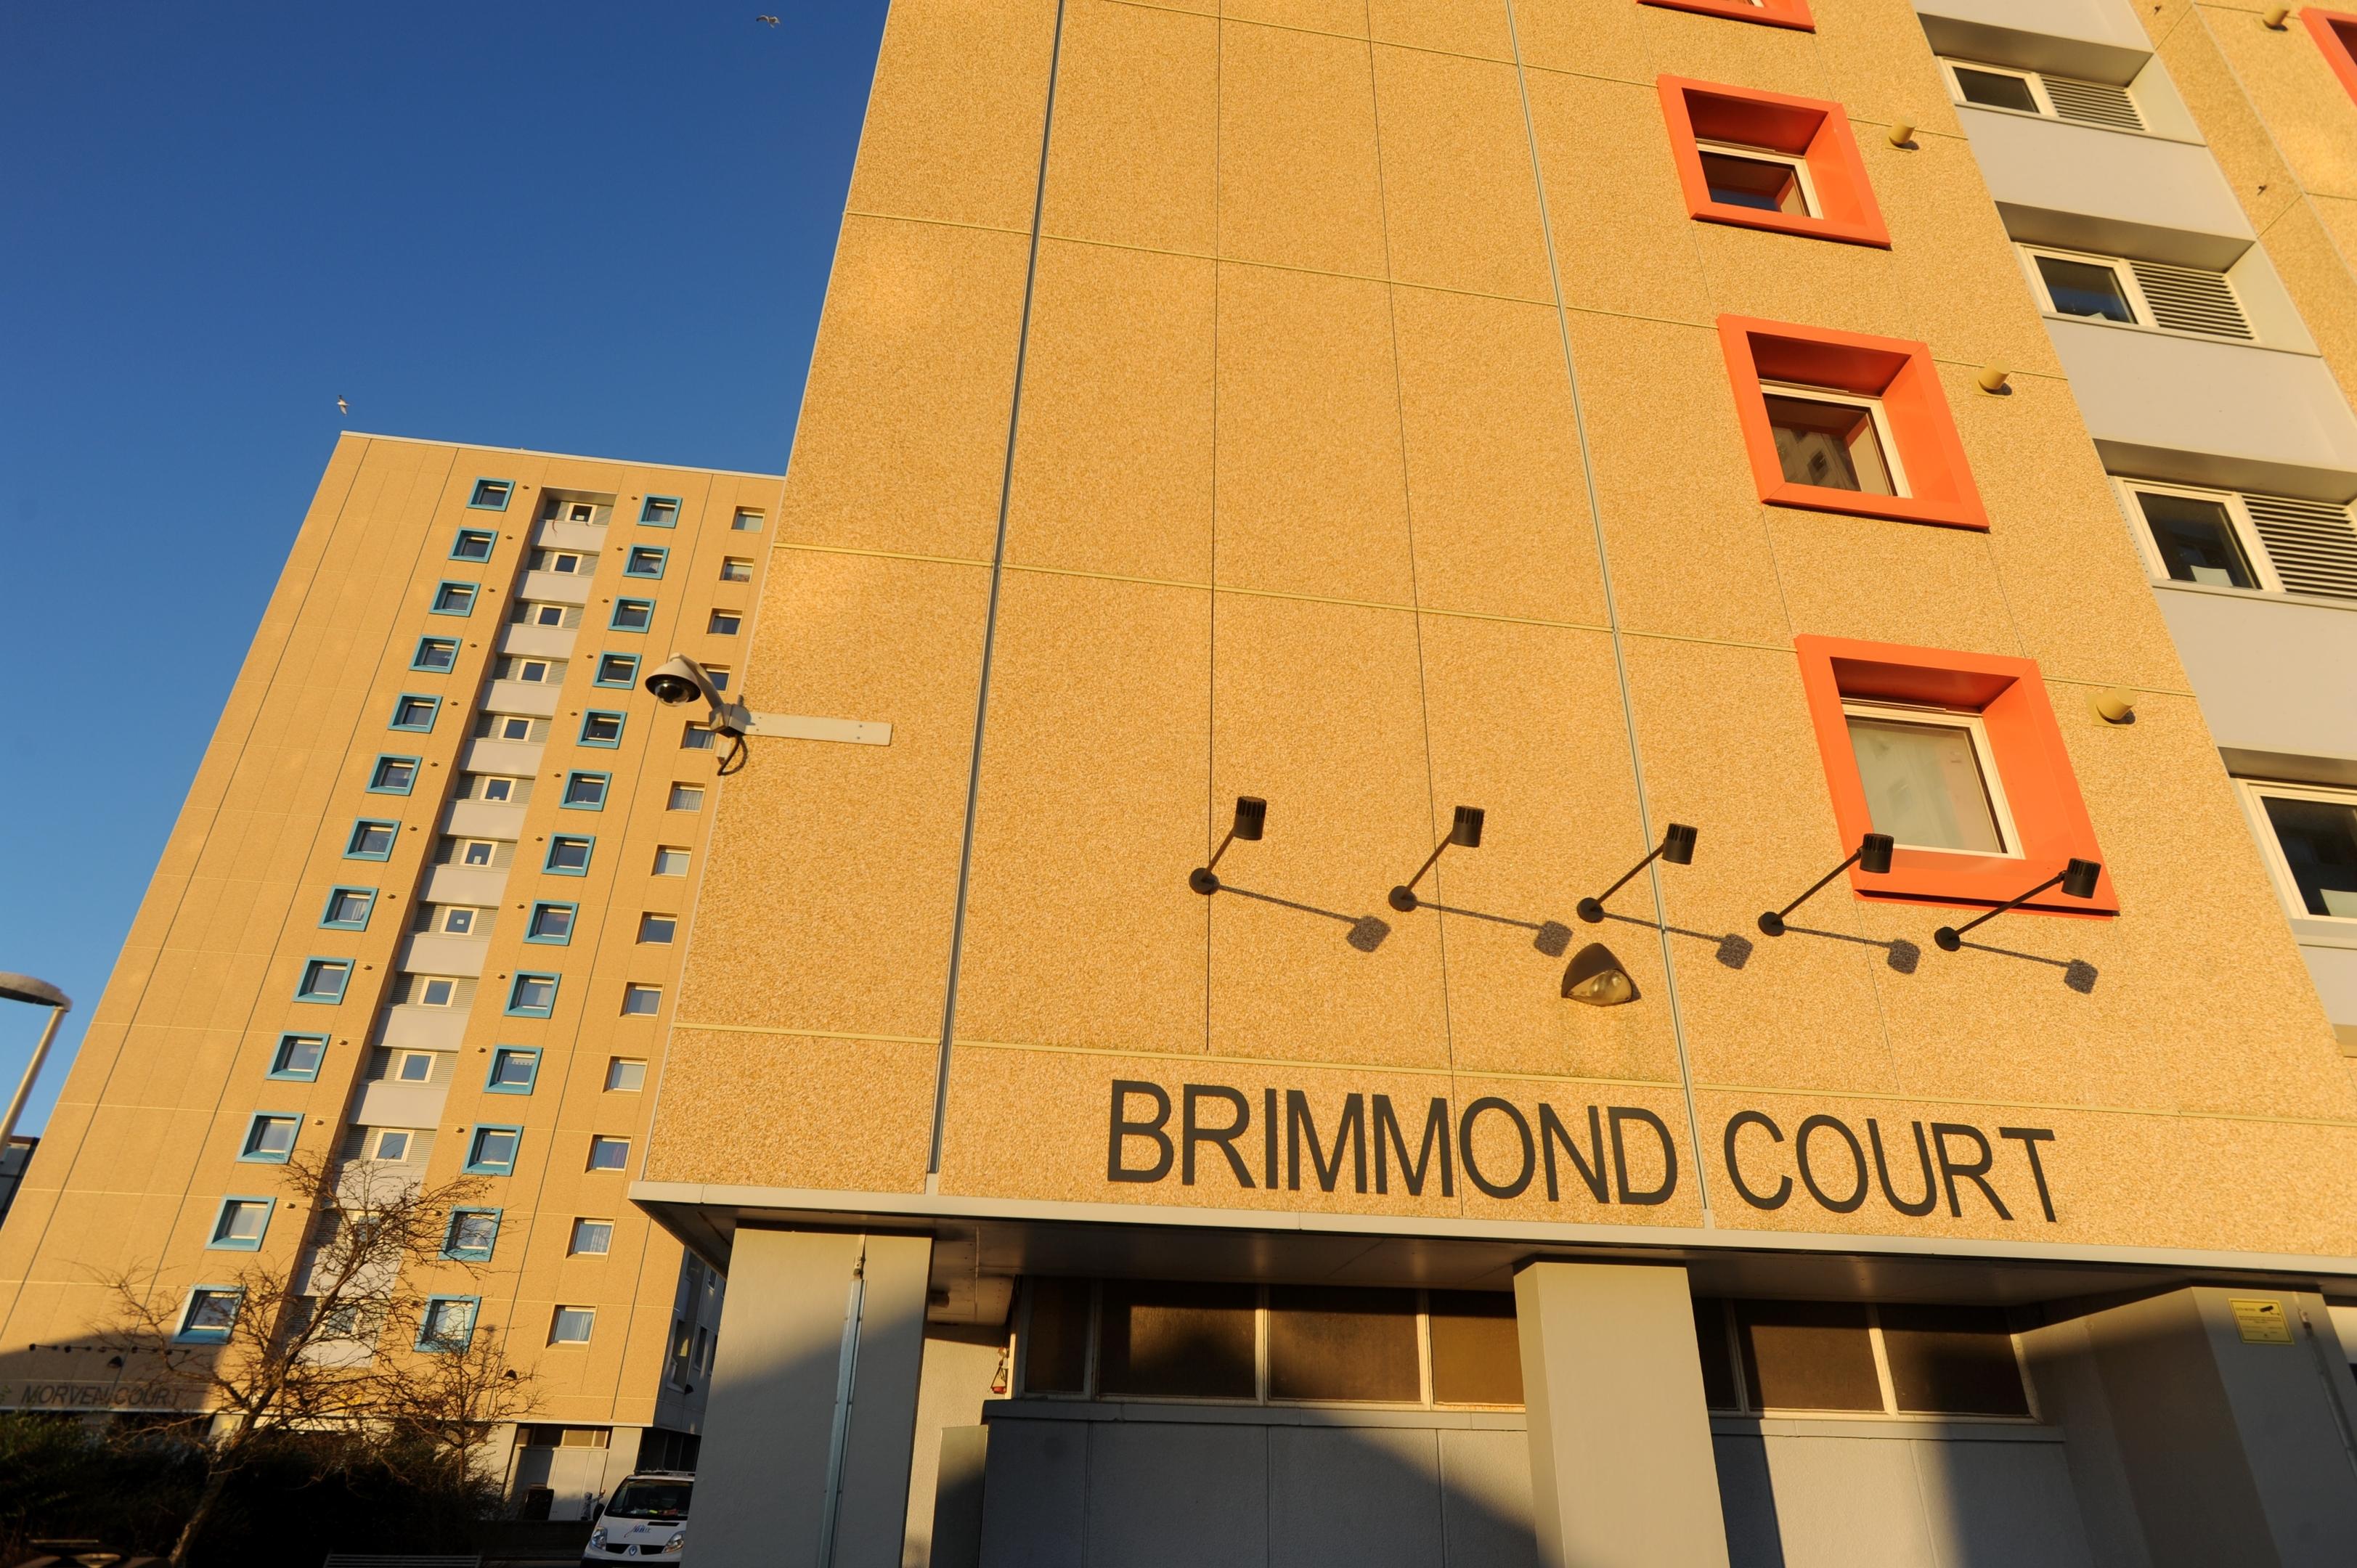 Brimmond Court